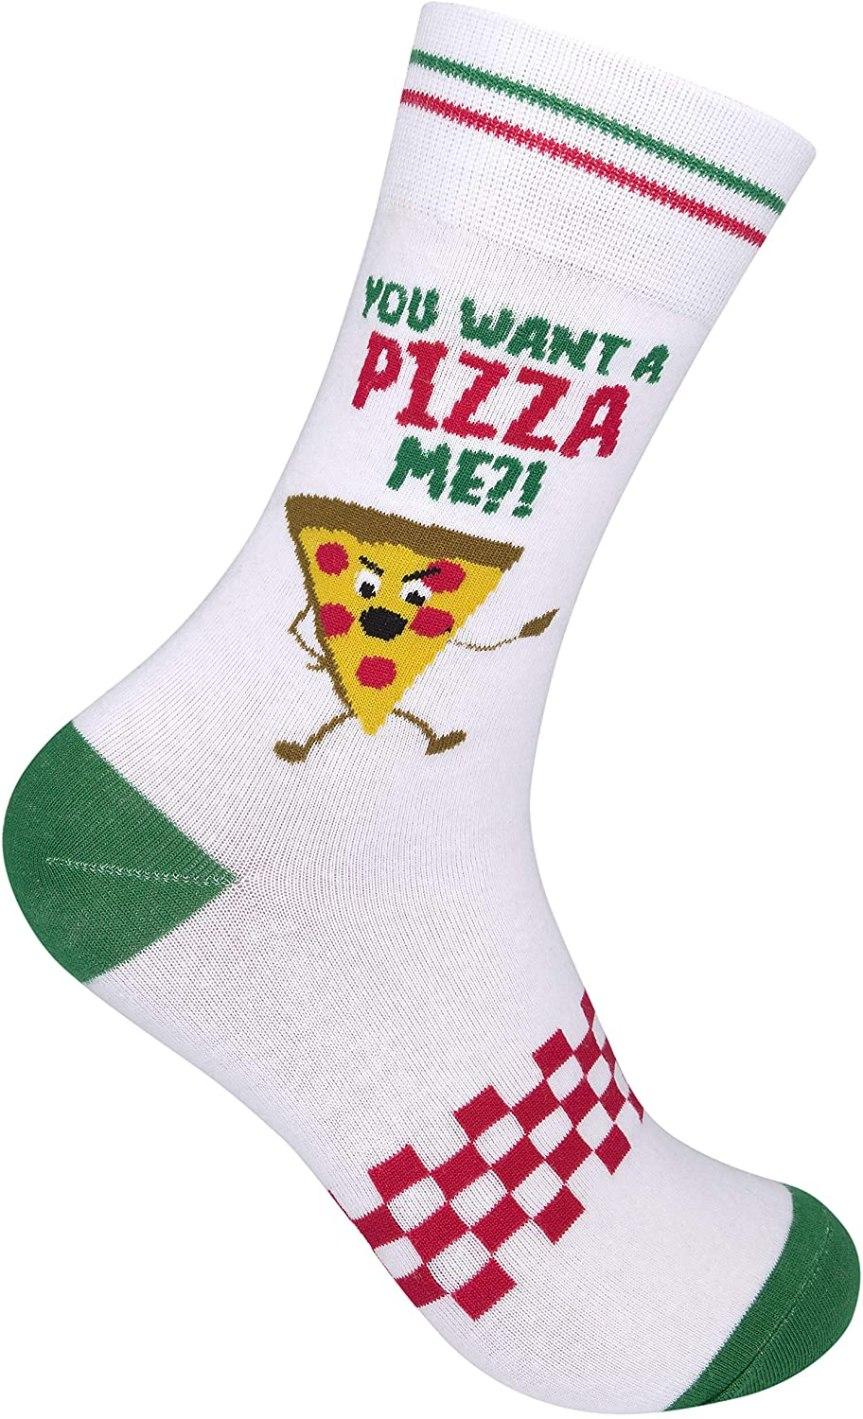 Happy Tuesday: Warm socks and the New Year'sblues